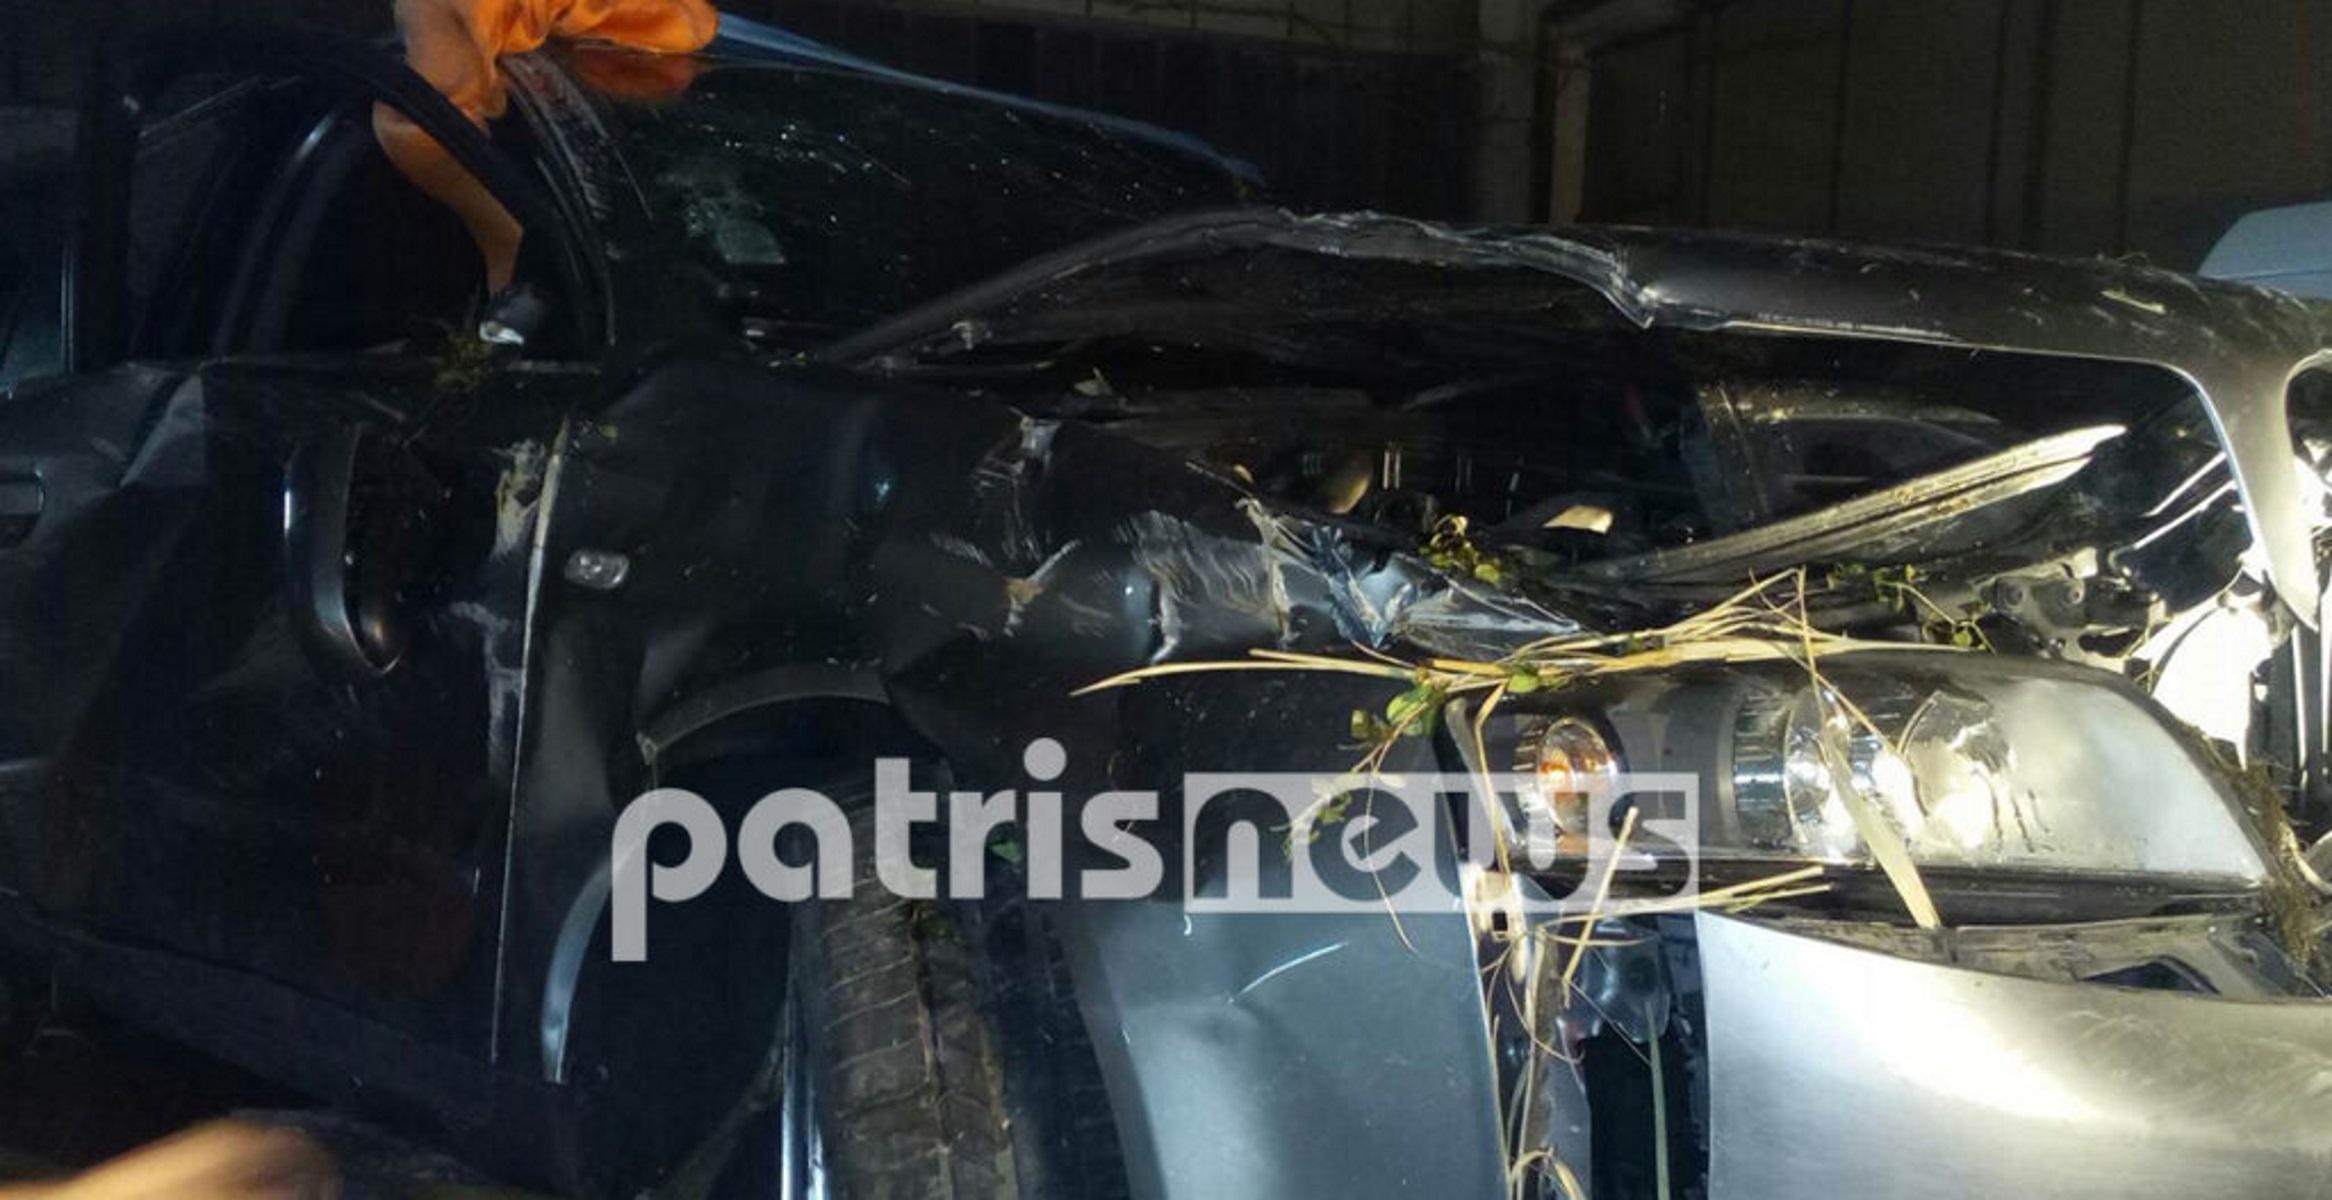 Τραγωδία με δύο νεκρούς στην Ηλεία – Αυτοκίνητο έπεσε σε αρδευτικό κανάλι